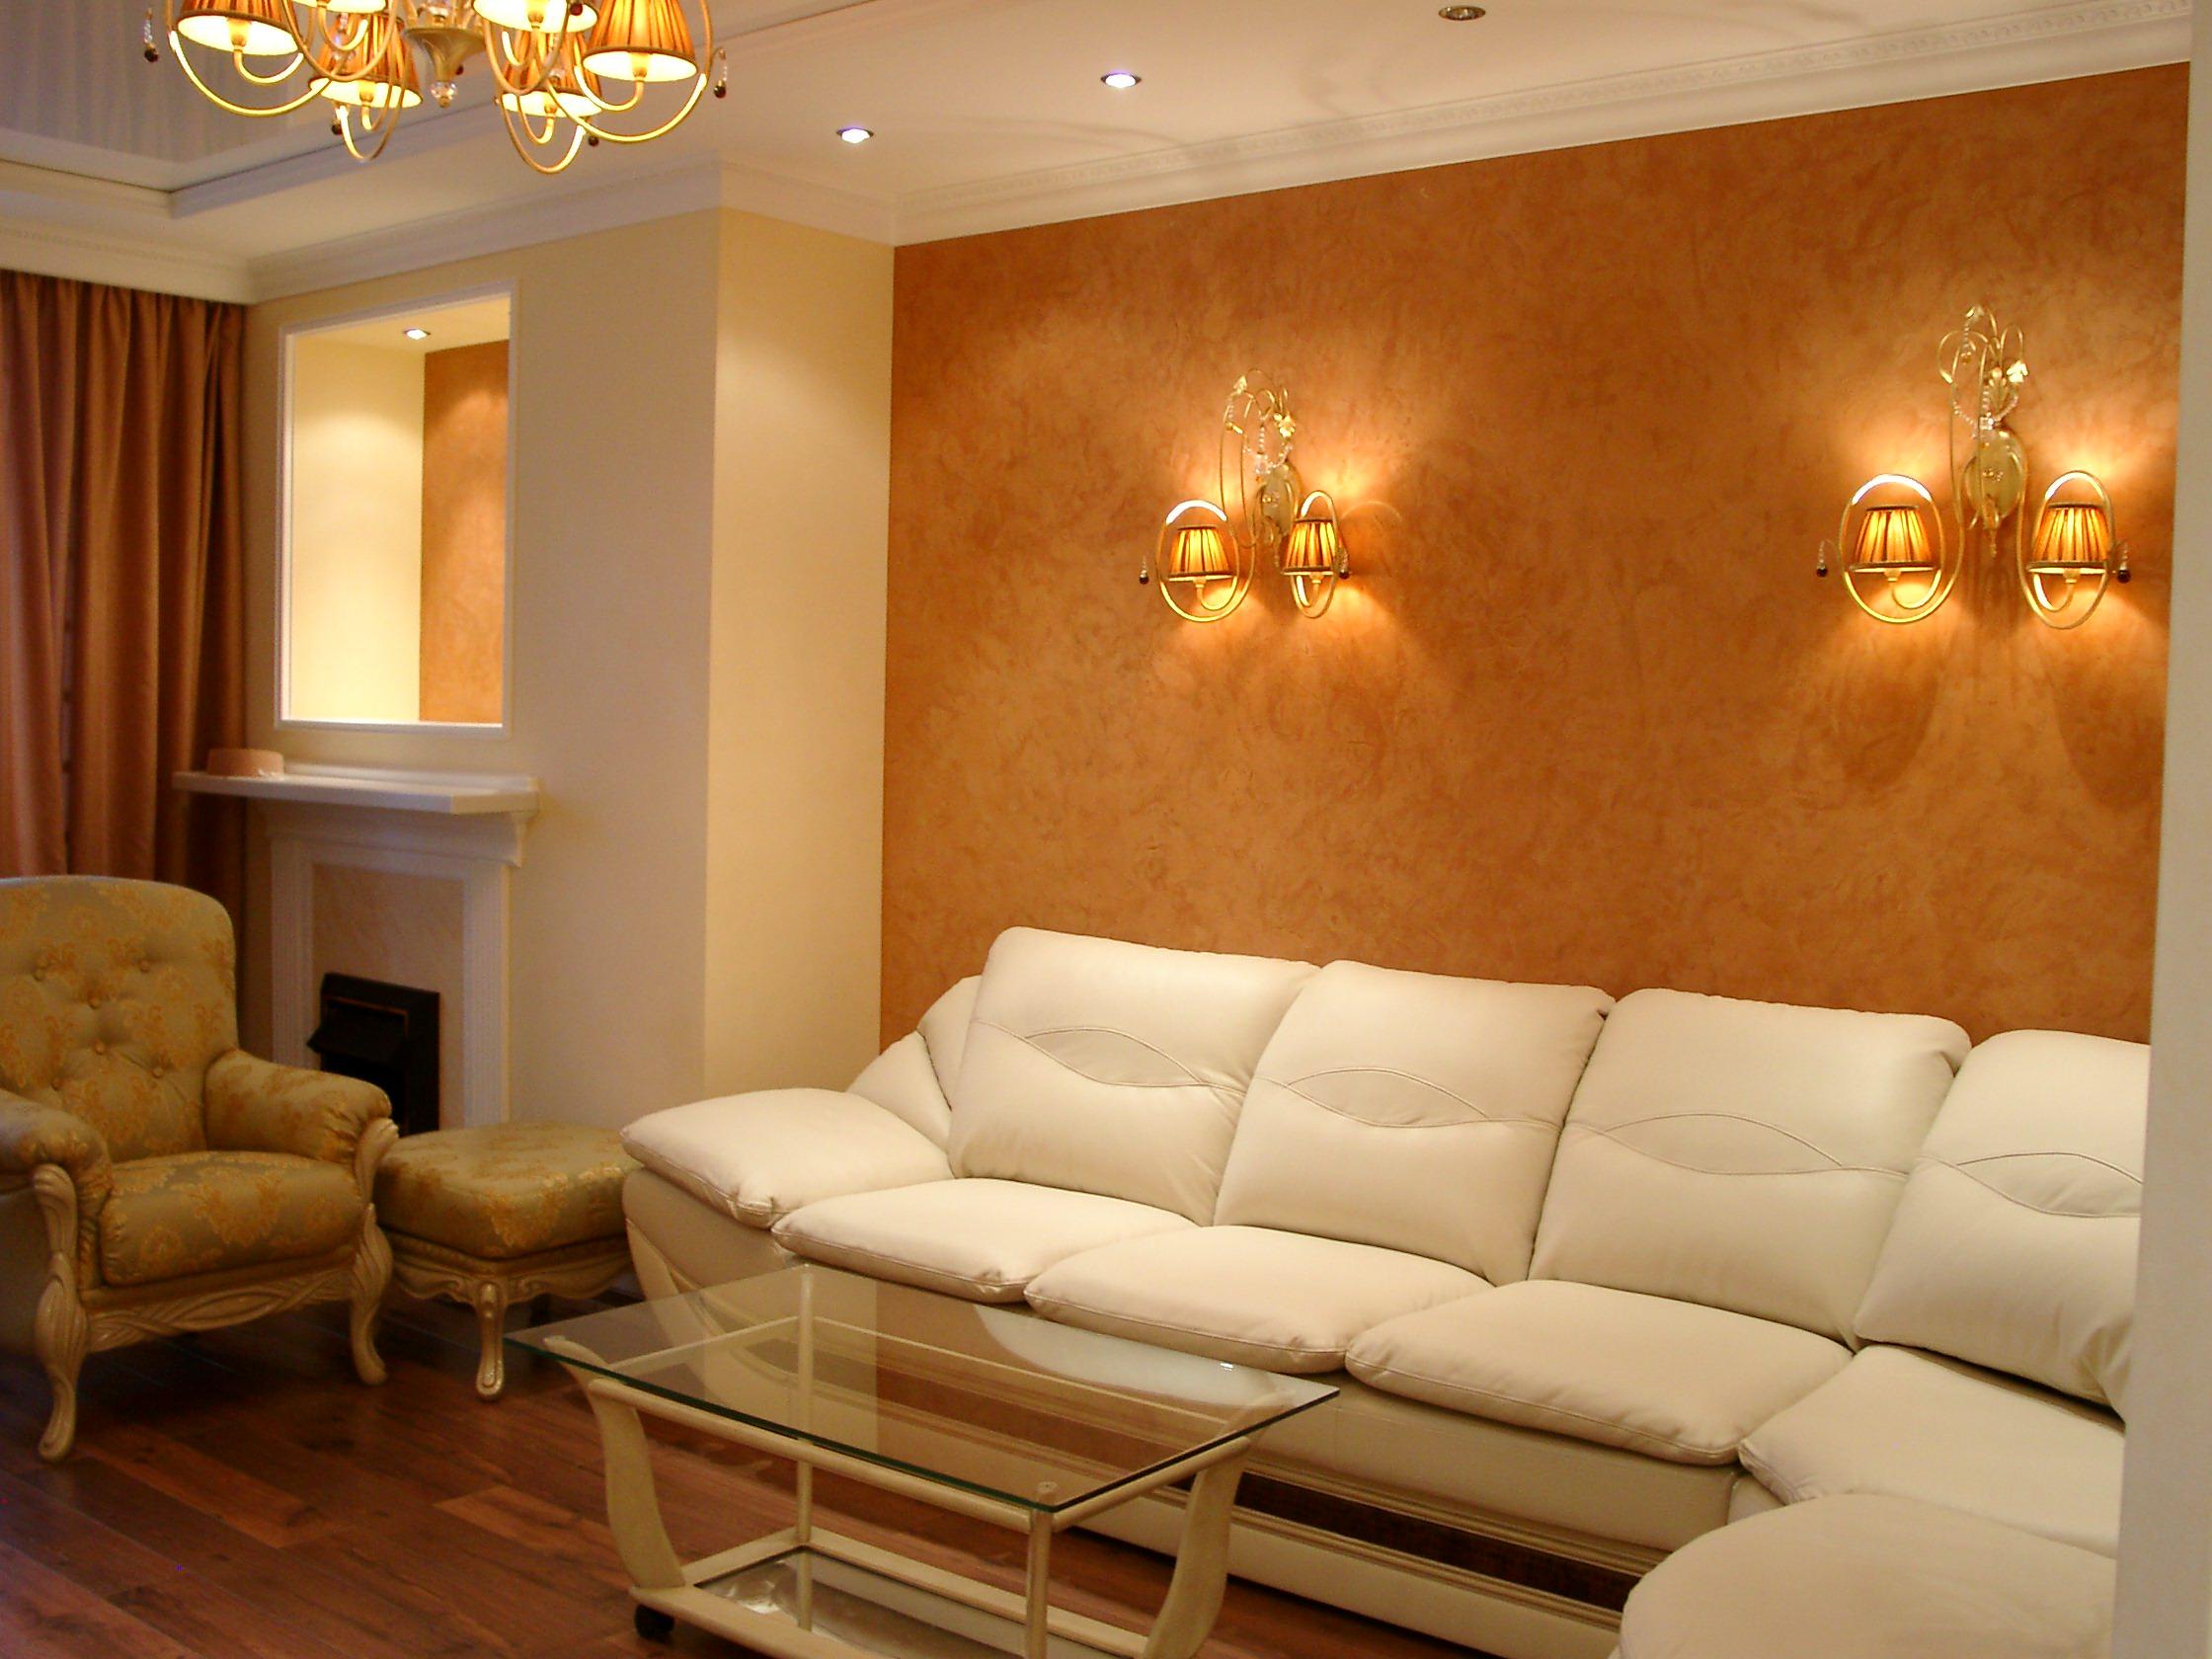 Estuco veneciano interior y estuco a la cal en fachadas for Marmol color naranja